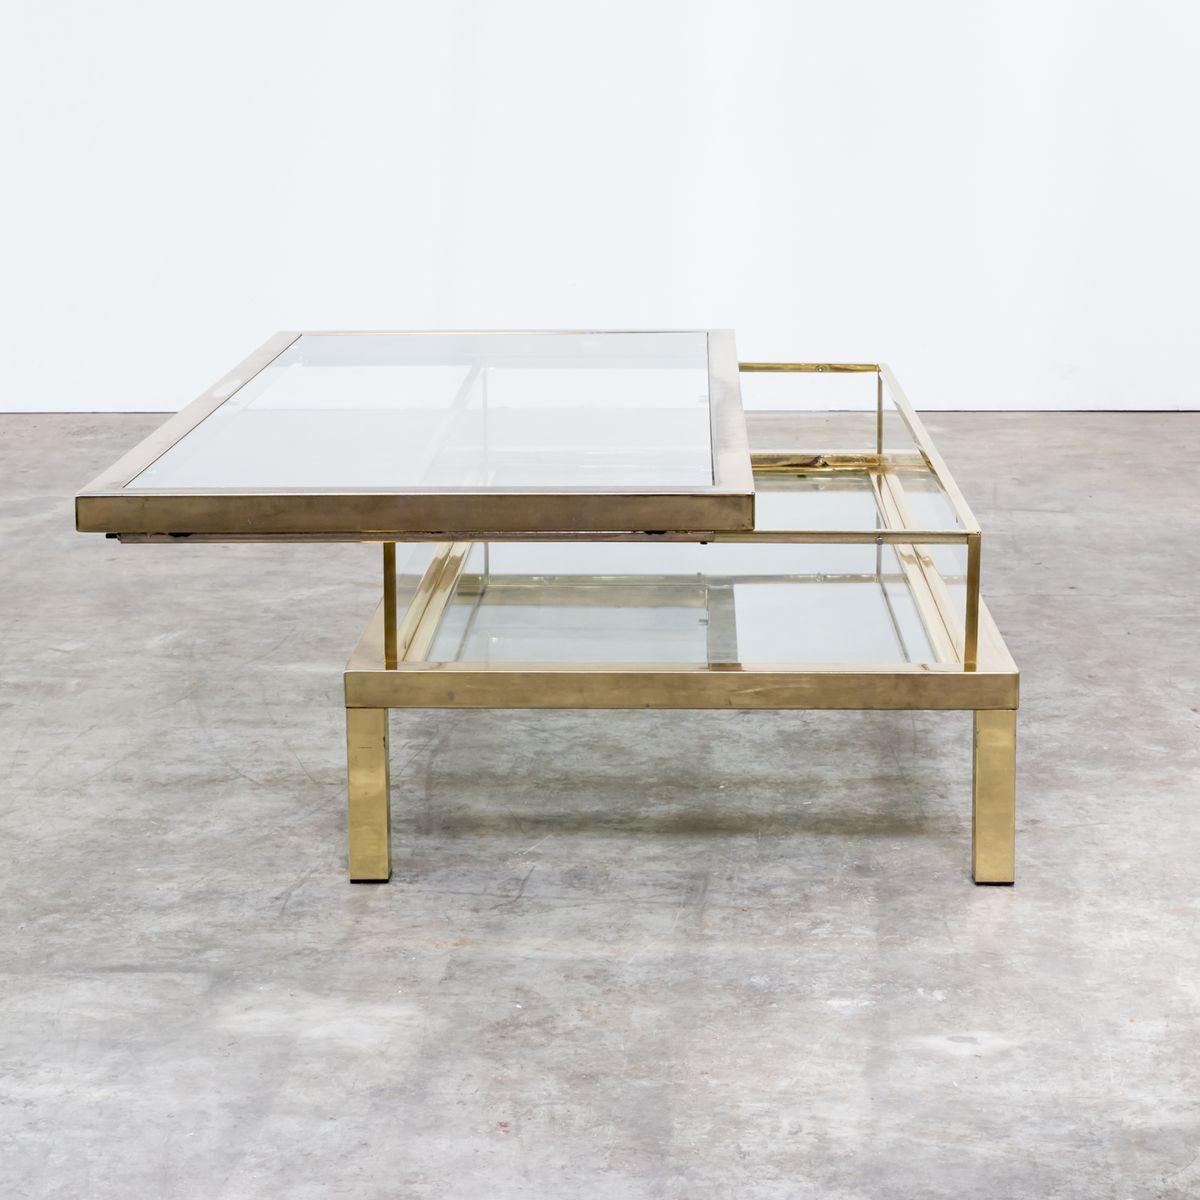 table basse coulissante de maison jansen france 1950s en vente sur pamono. Black Bedroom Furniture Sets. Home Design Ideas